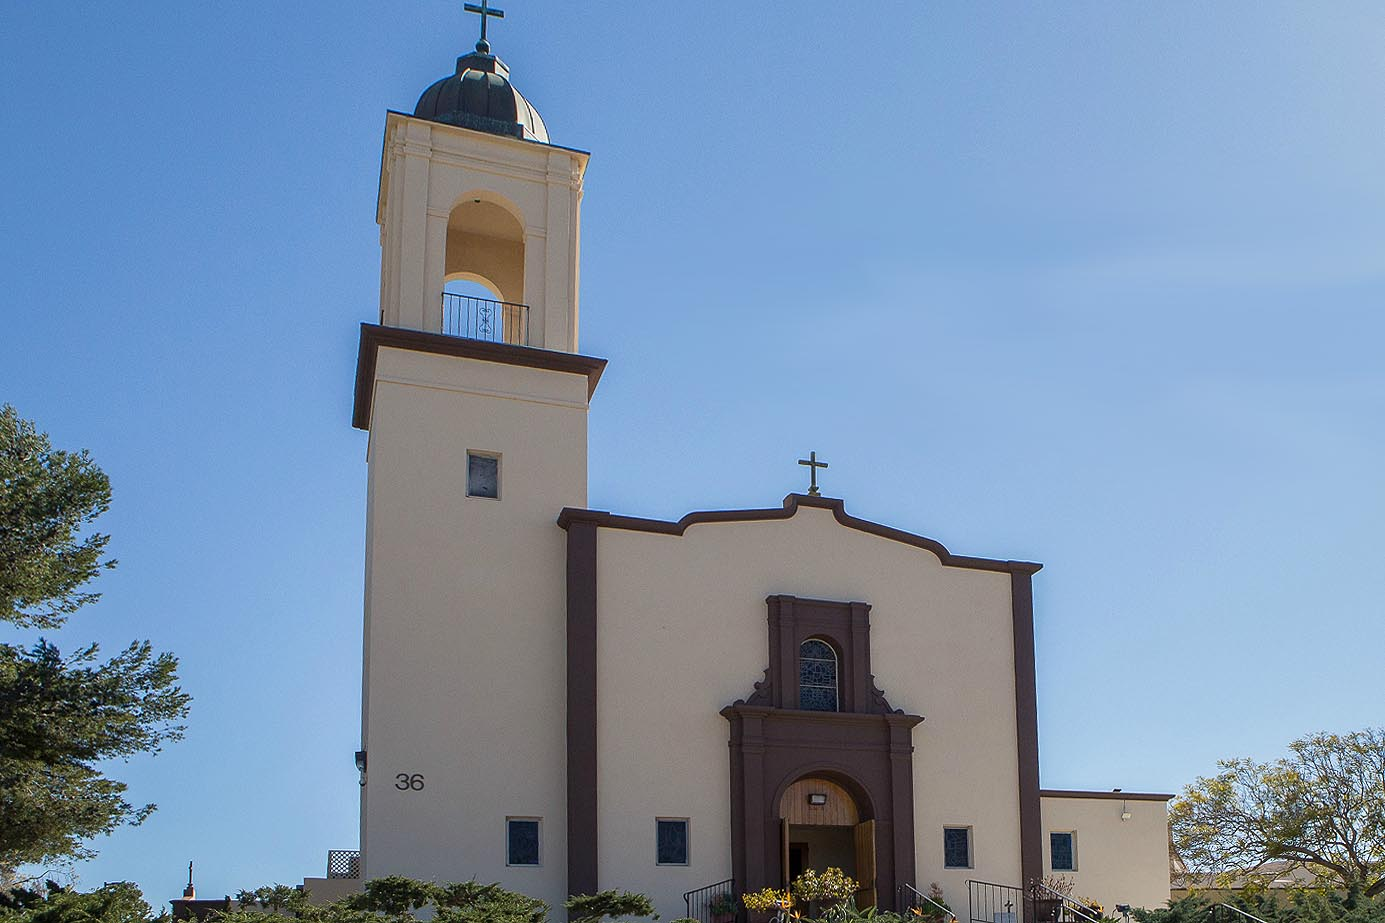 St Pius X, Chula Vista, CA